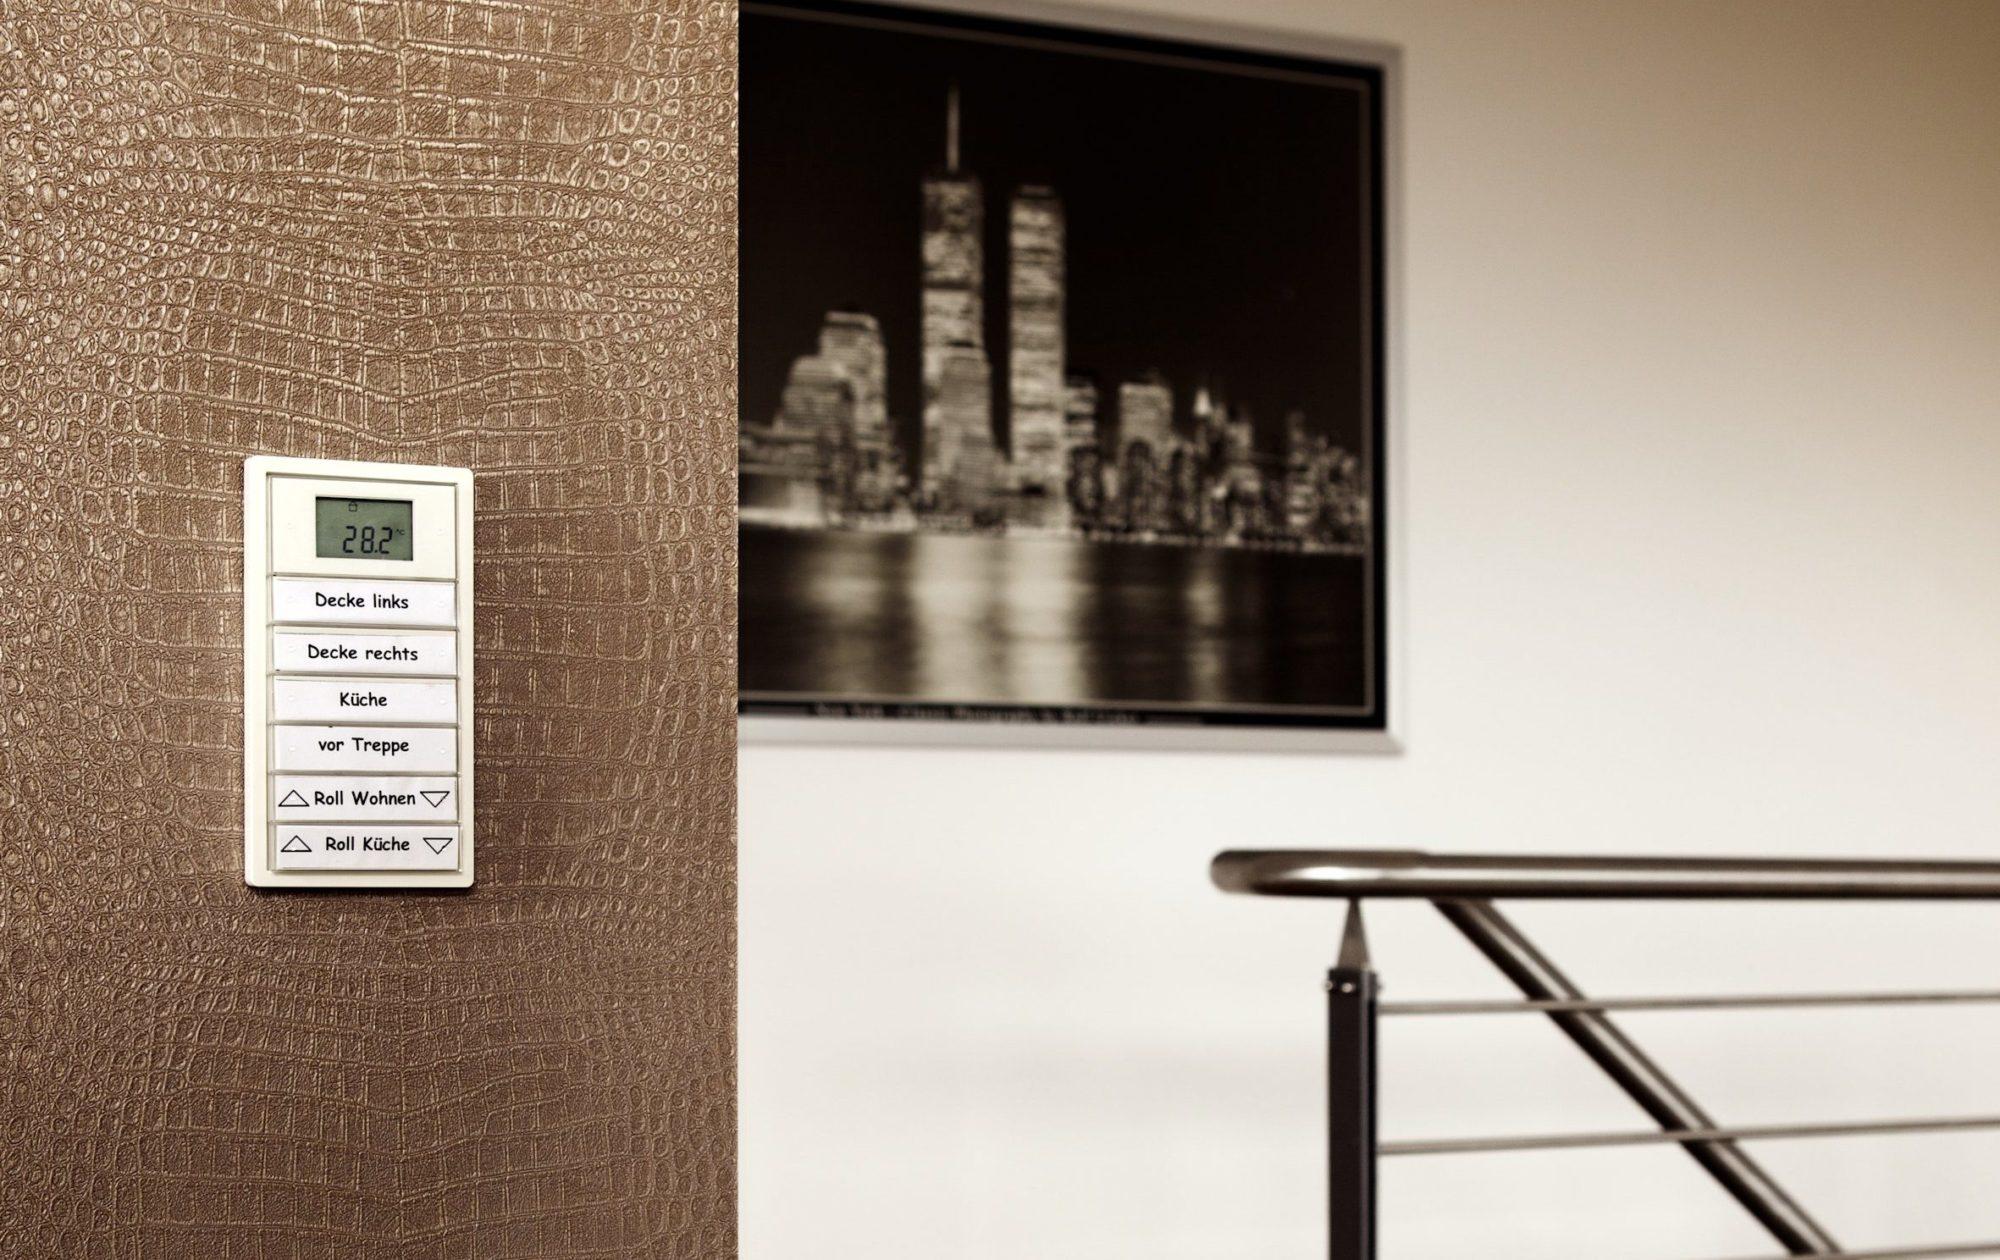 Über Tastsensoren - hier im Gira Flächenschalterprogramm - lassen sich individuelle Beleuchtungsszenen mit einem Tastendruck abrufen. Es lassen sich auch Jalousien oder die Heizung integrieren